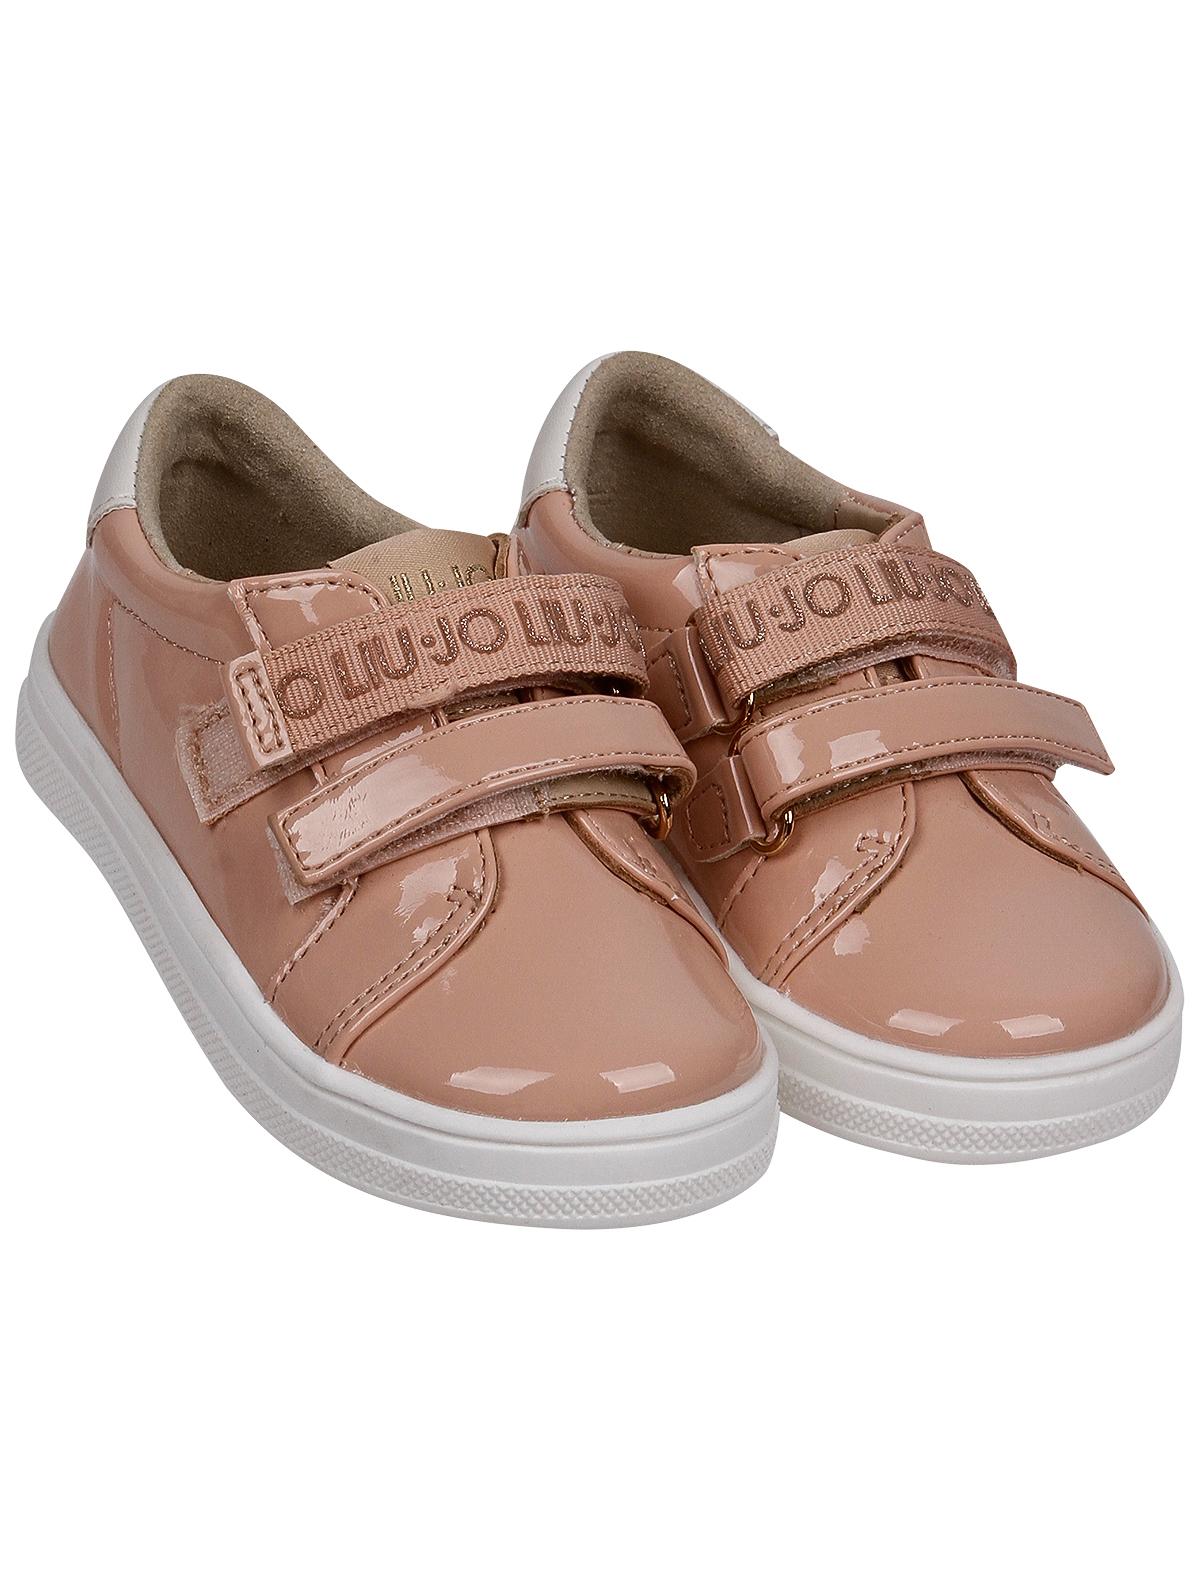 Купить 2254870, Ботинки Liu Jo Junior, розовый, Женский, 2034509083248